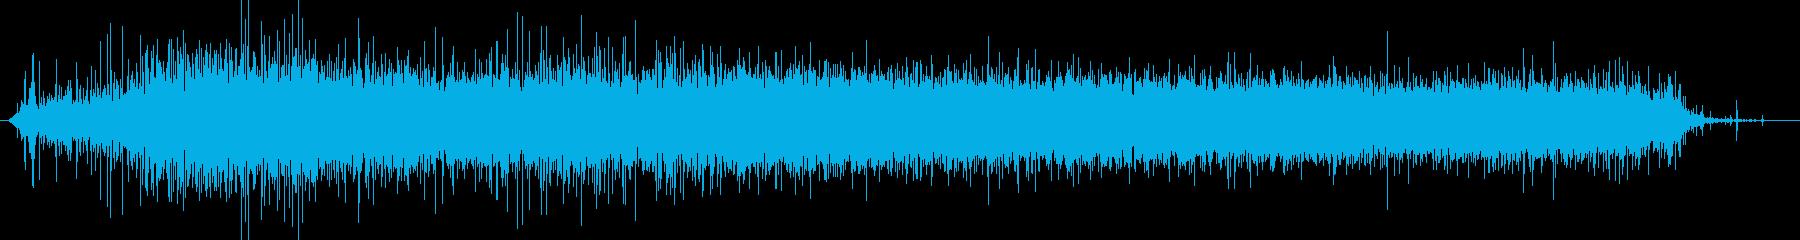 バスルーム シンクフィルロング01の再生済みの波形